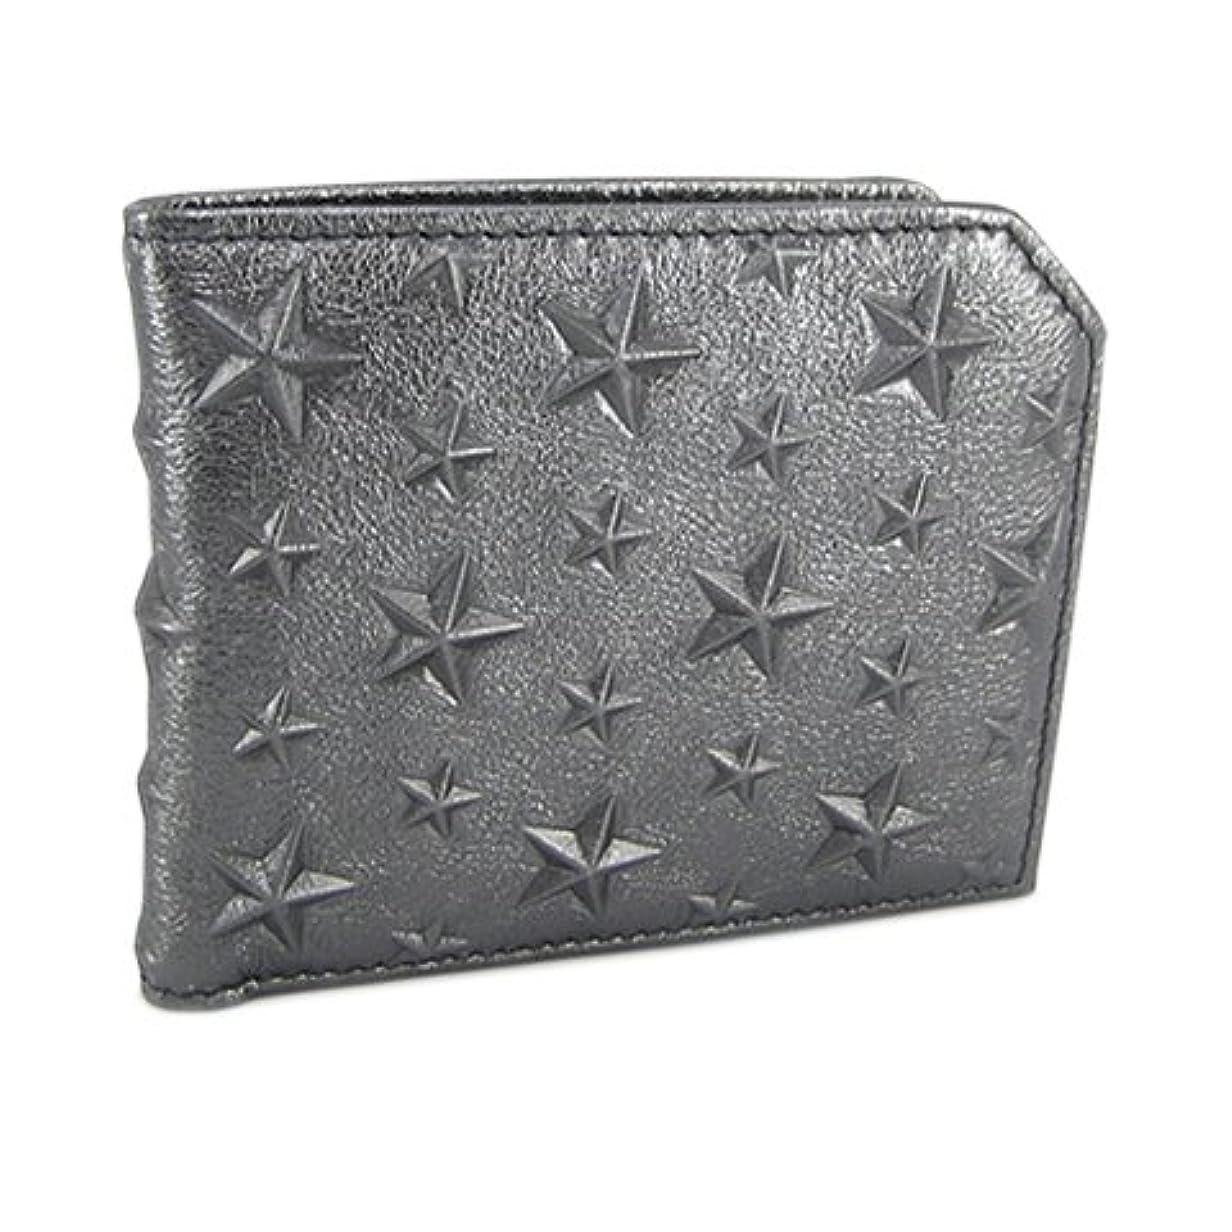 農学考古学的な補助ジミーチュウ JIMMY CHOO メンズ 2つ折財布 サイフ ALBANY EBN GUNMETAL ガンメタル [並行輸入品]